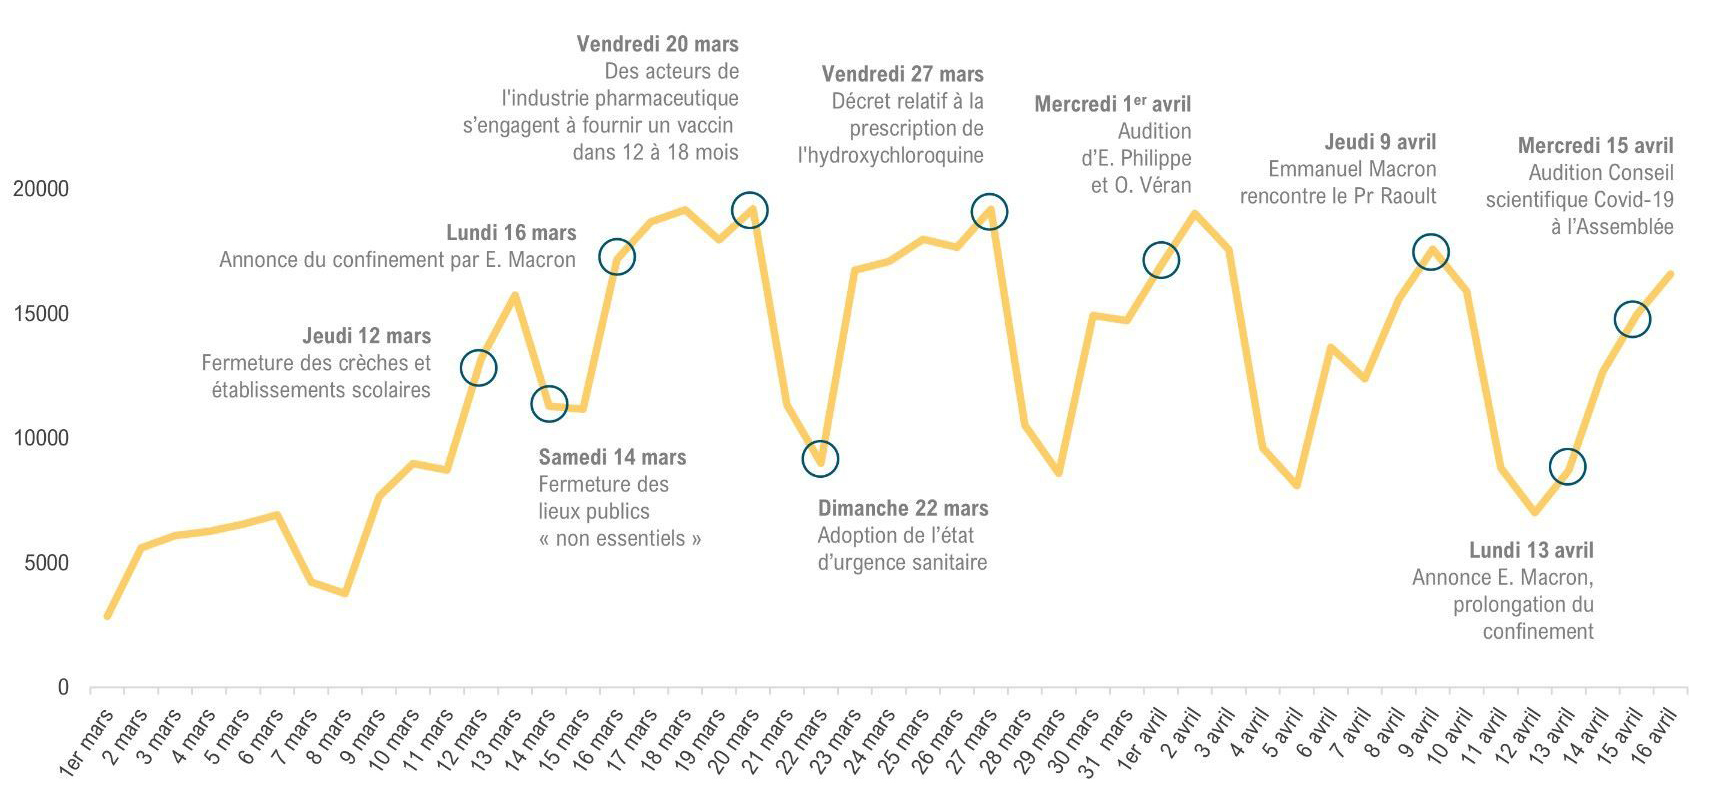 La visibilité médiatique de l'épidémie liée au coronavirus dans la presse française